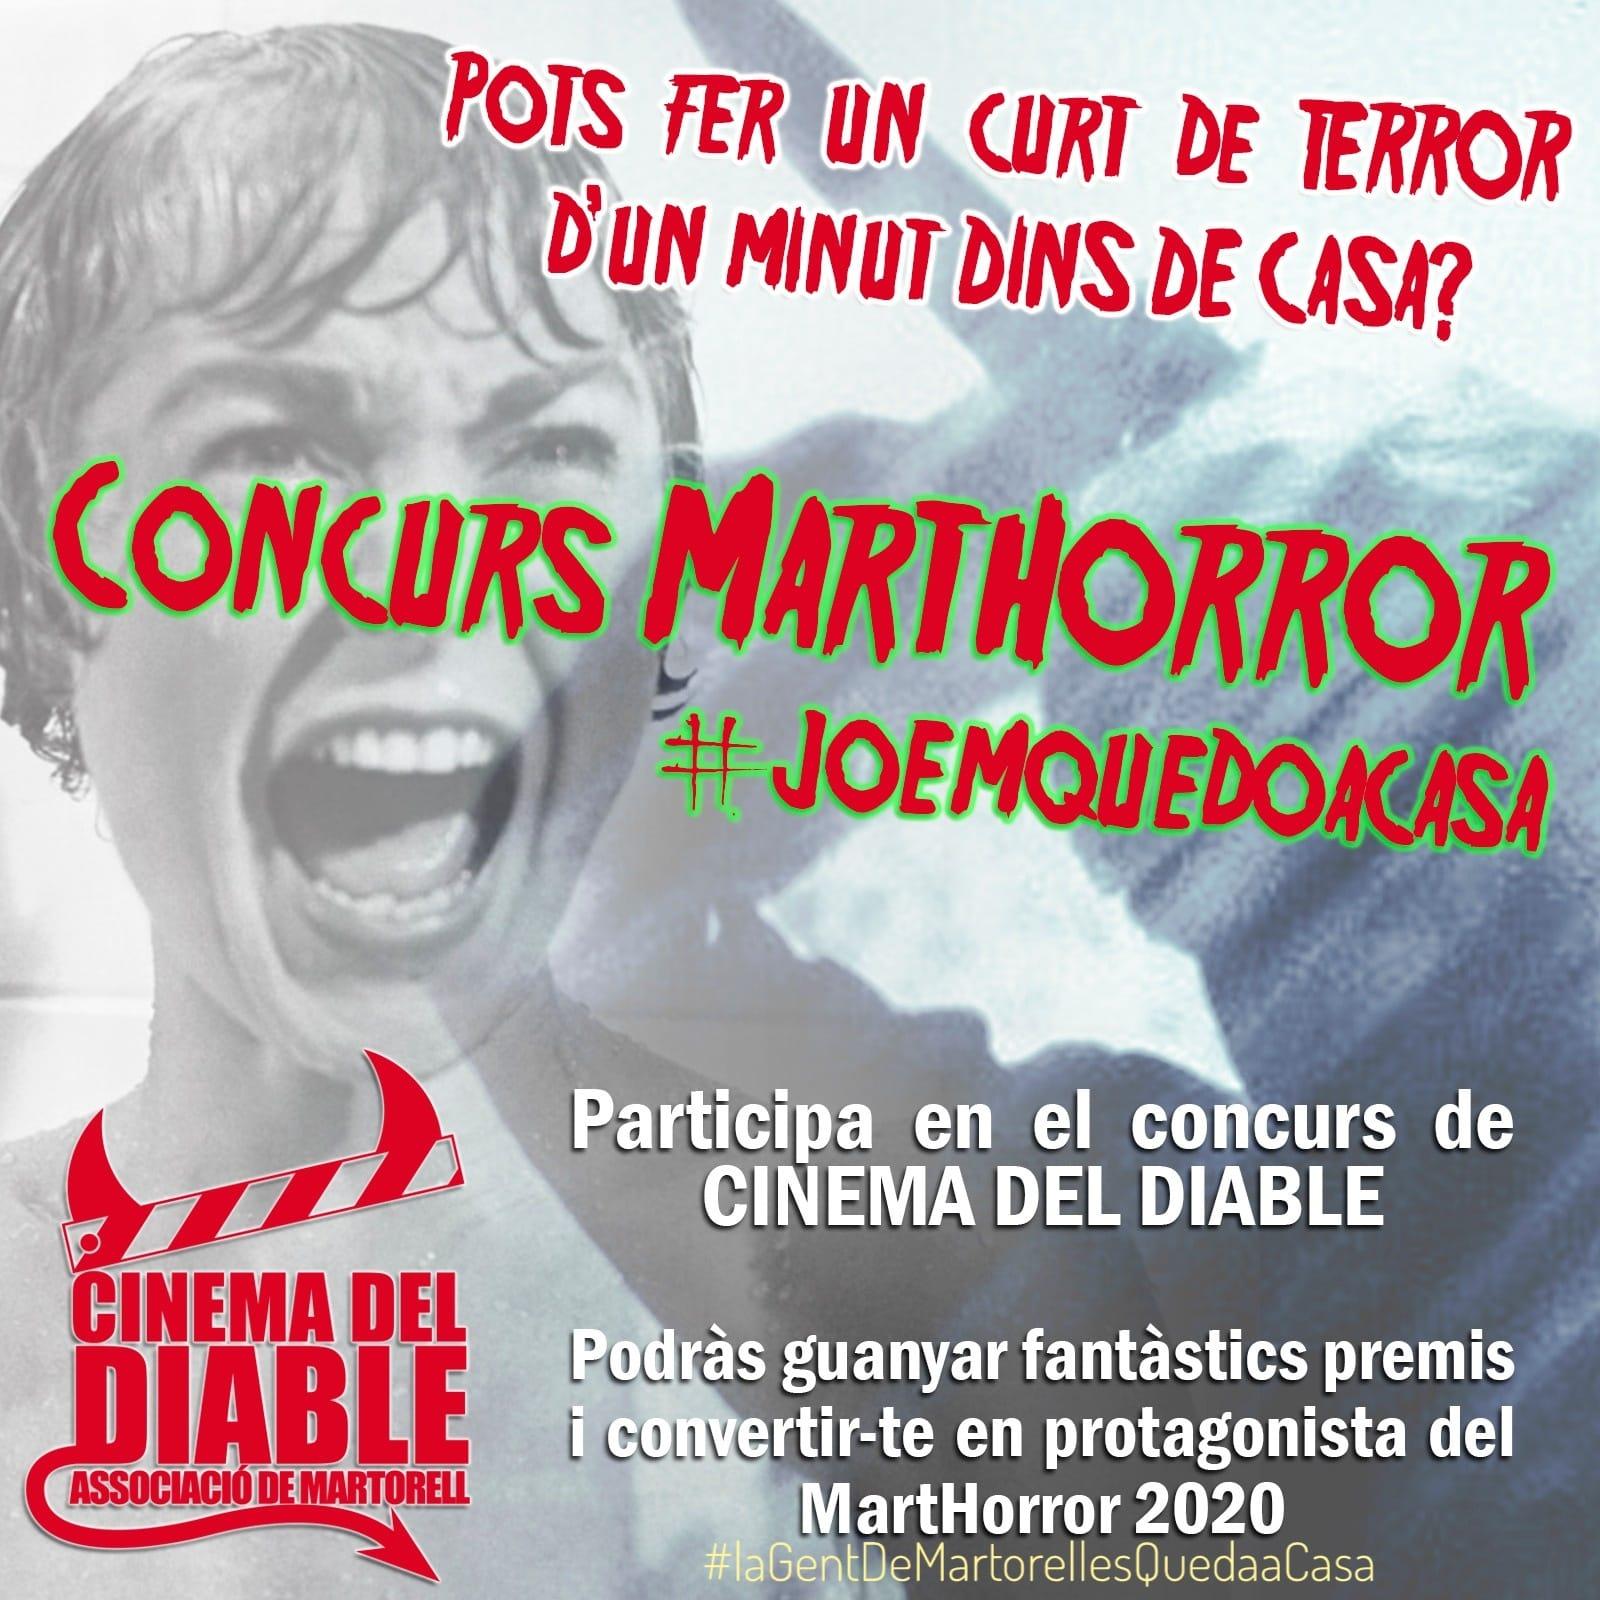 Concurs MartHorror